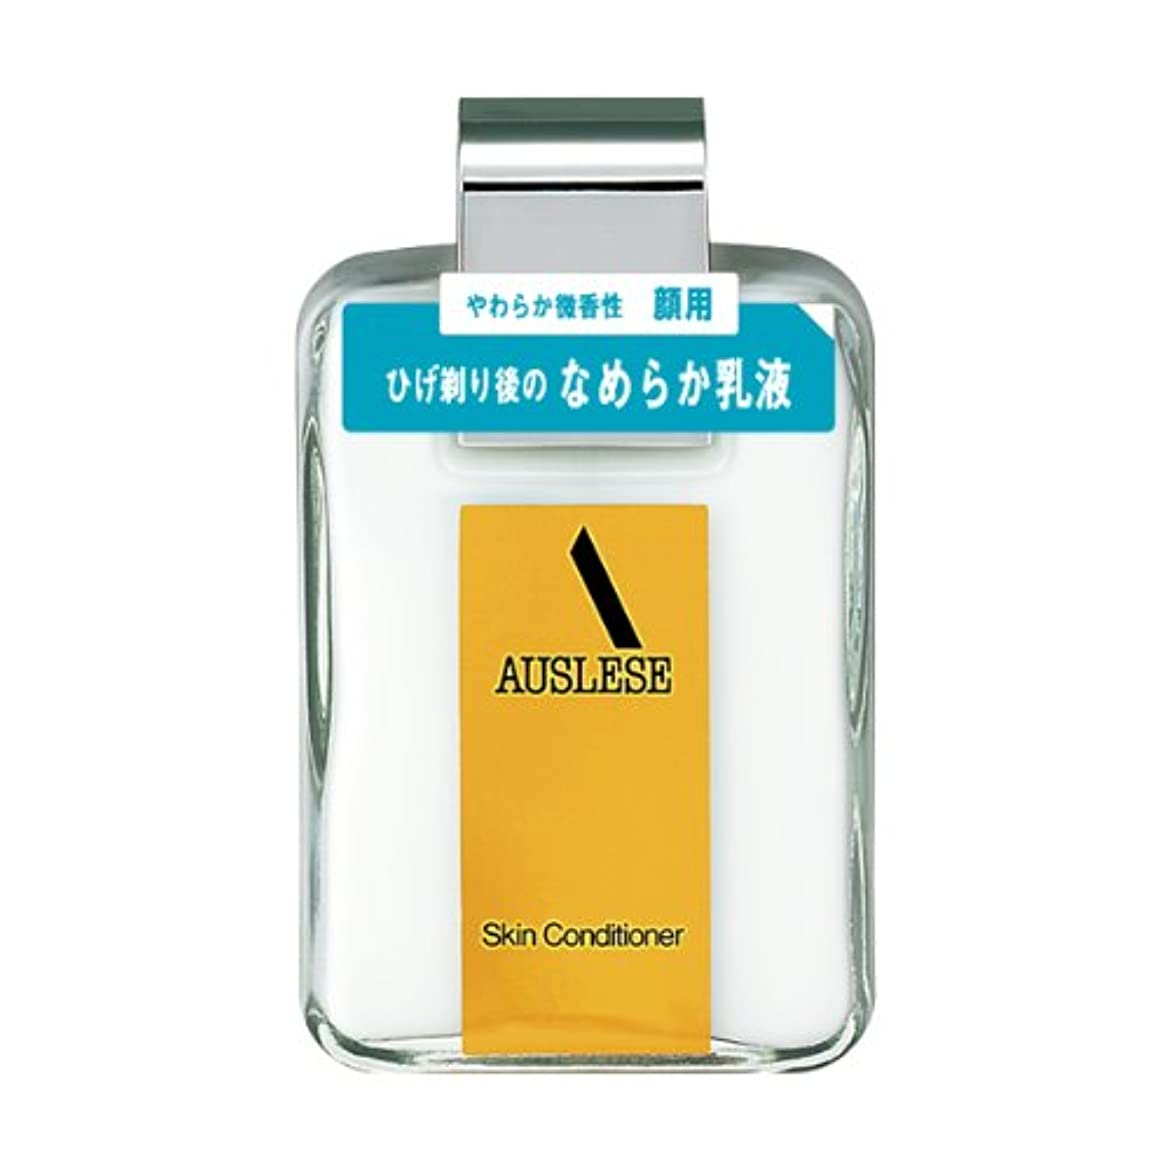 置き場便利コジオスコアウスレーゼ スキンコンディショナーNA 120mL 【医薬部外品】